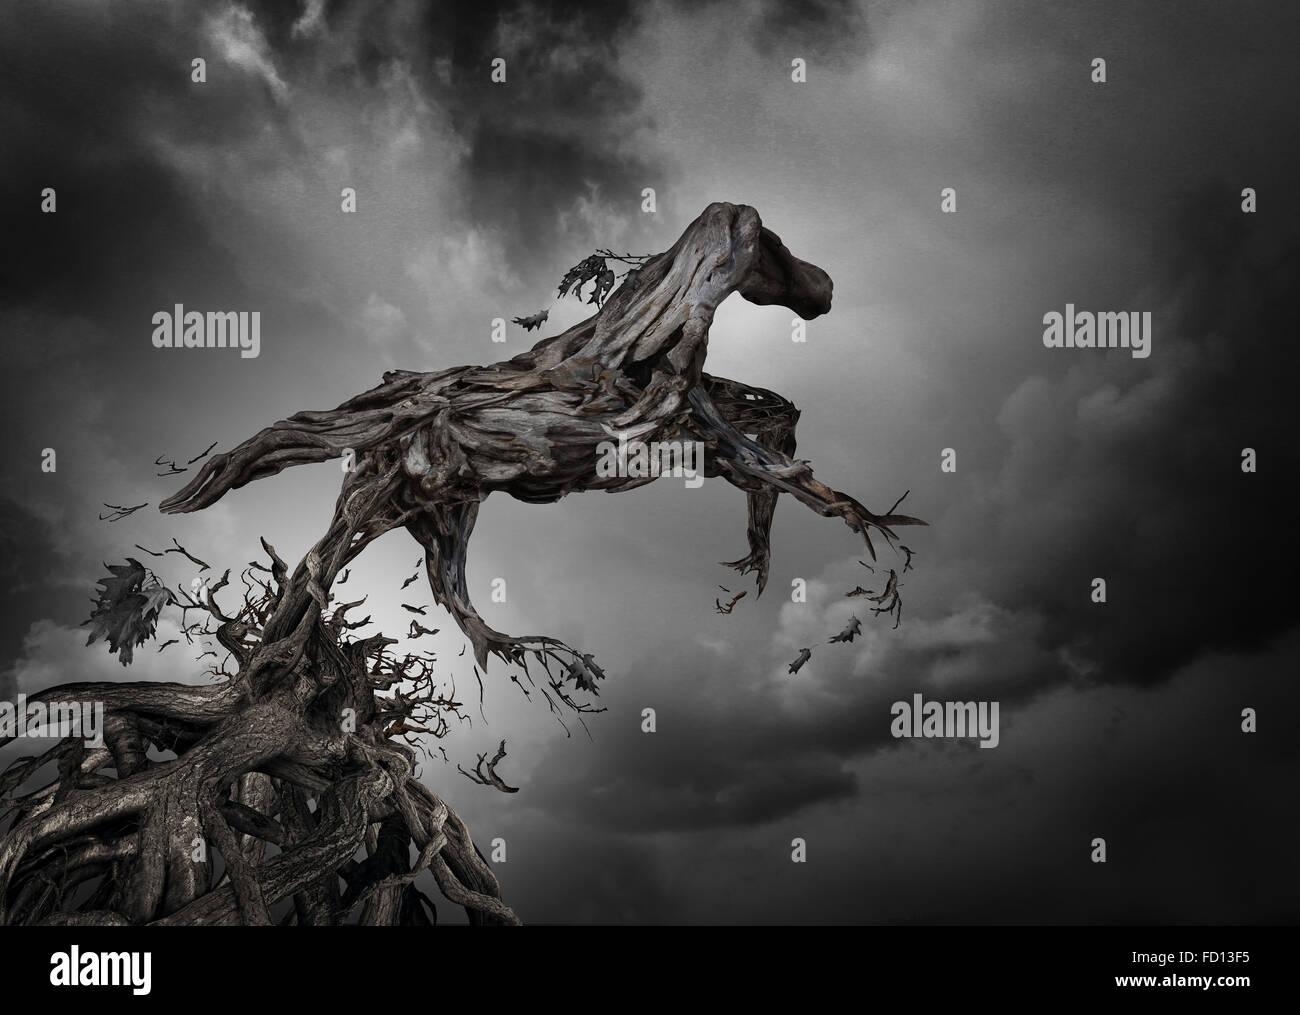 Símbolo de éxito y potencial como un árbol surrealista caballo con raíces de los árboles Imagen De Stock